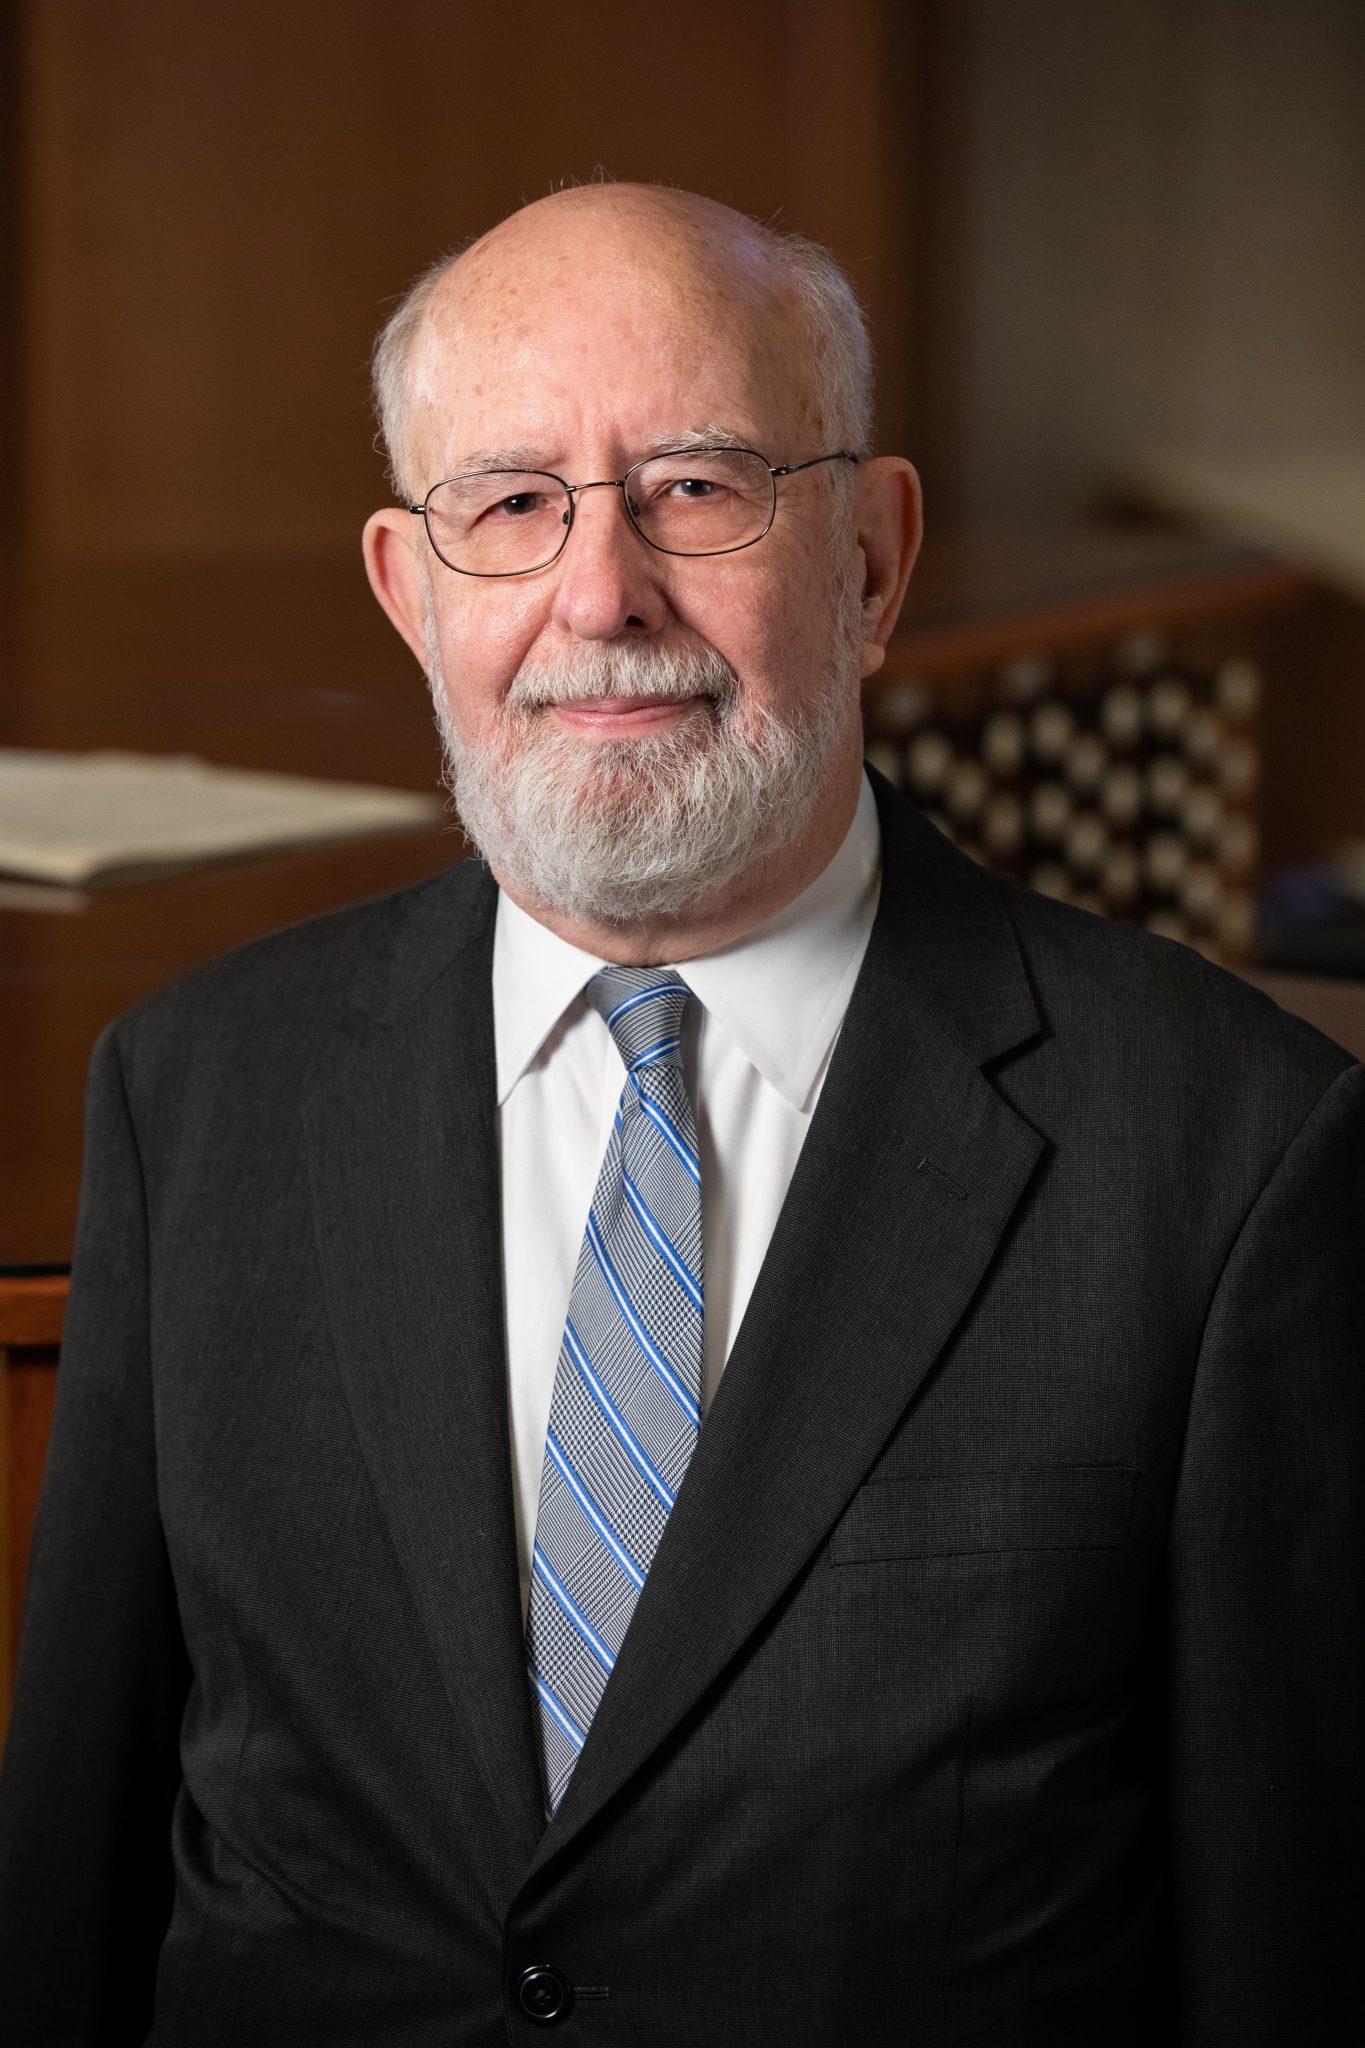 Robert Grogan